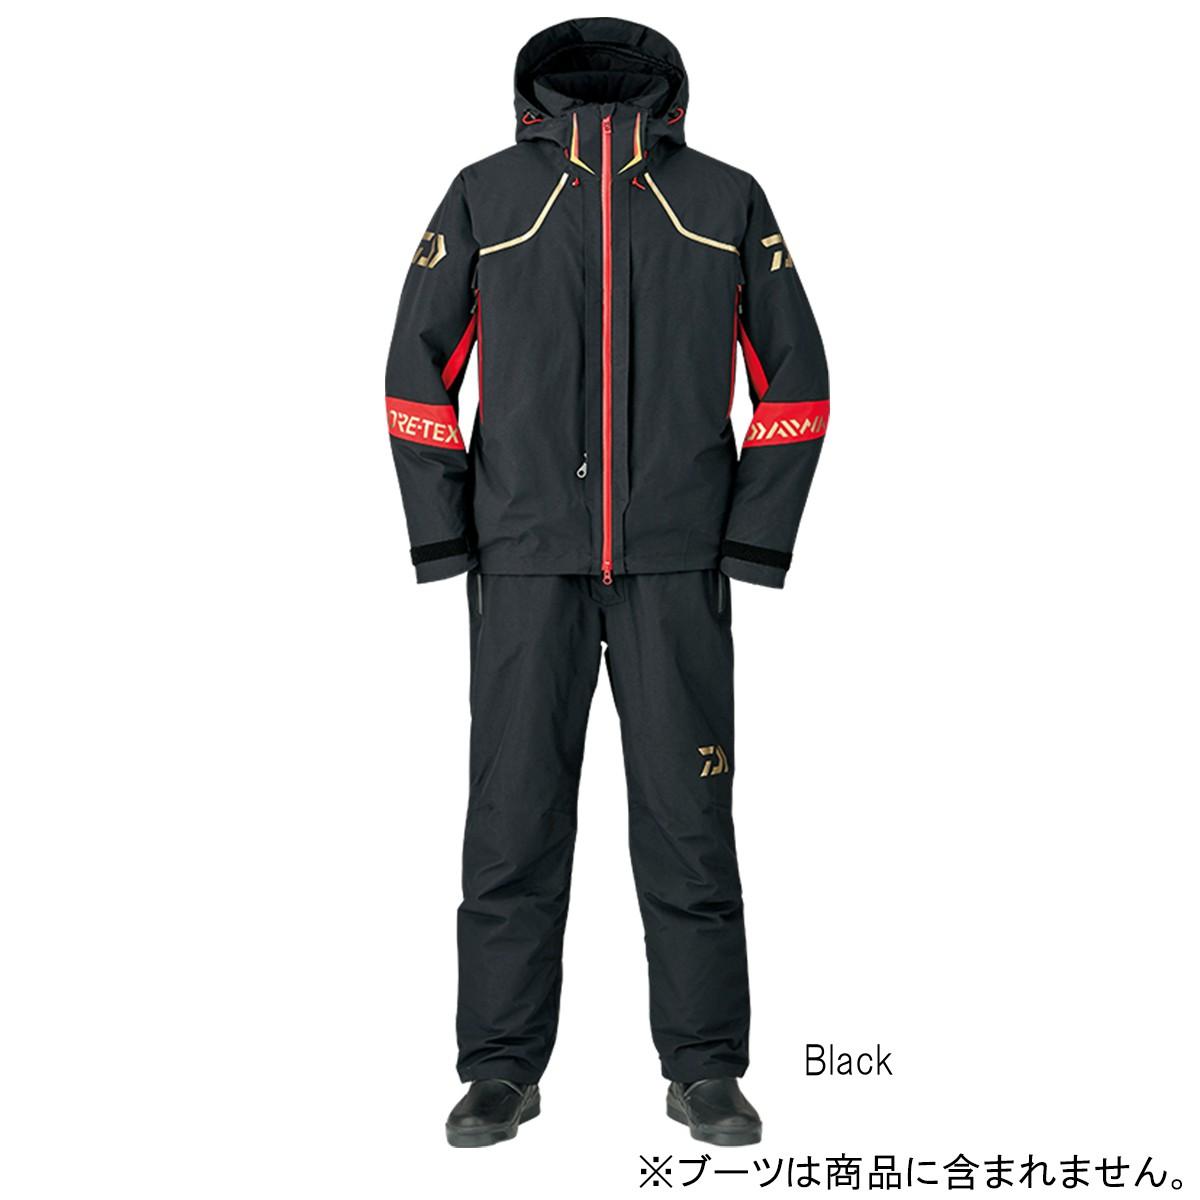 ダイワ ゴアテックス プロダクト ハイロフト ウィンタースーツ DW-1307 XL Black